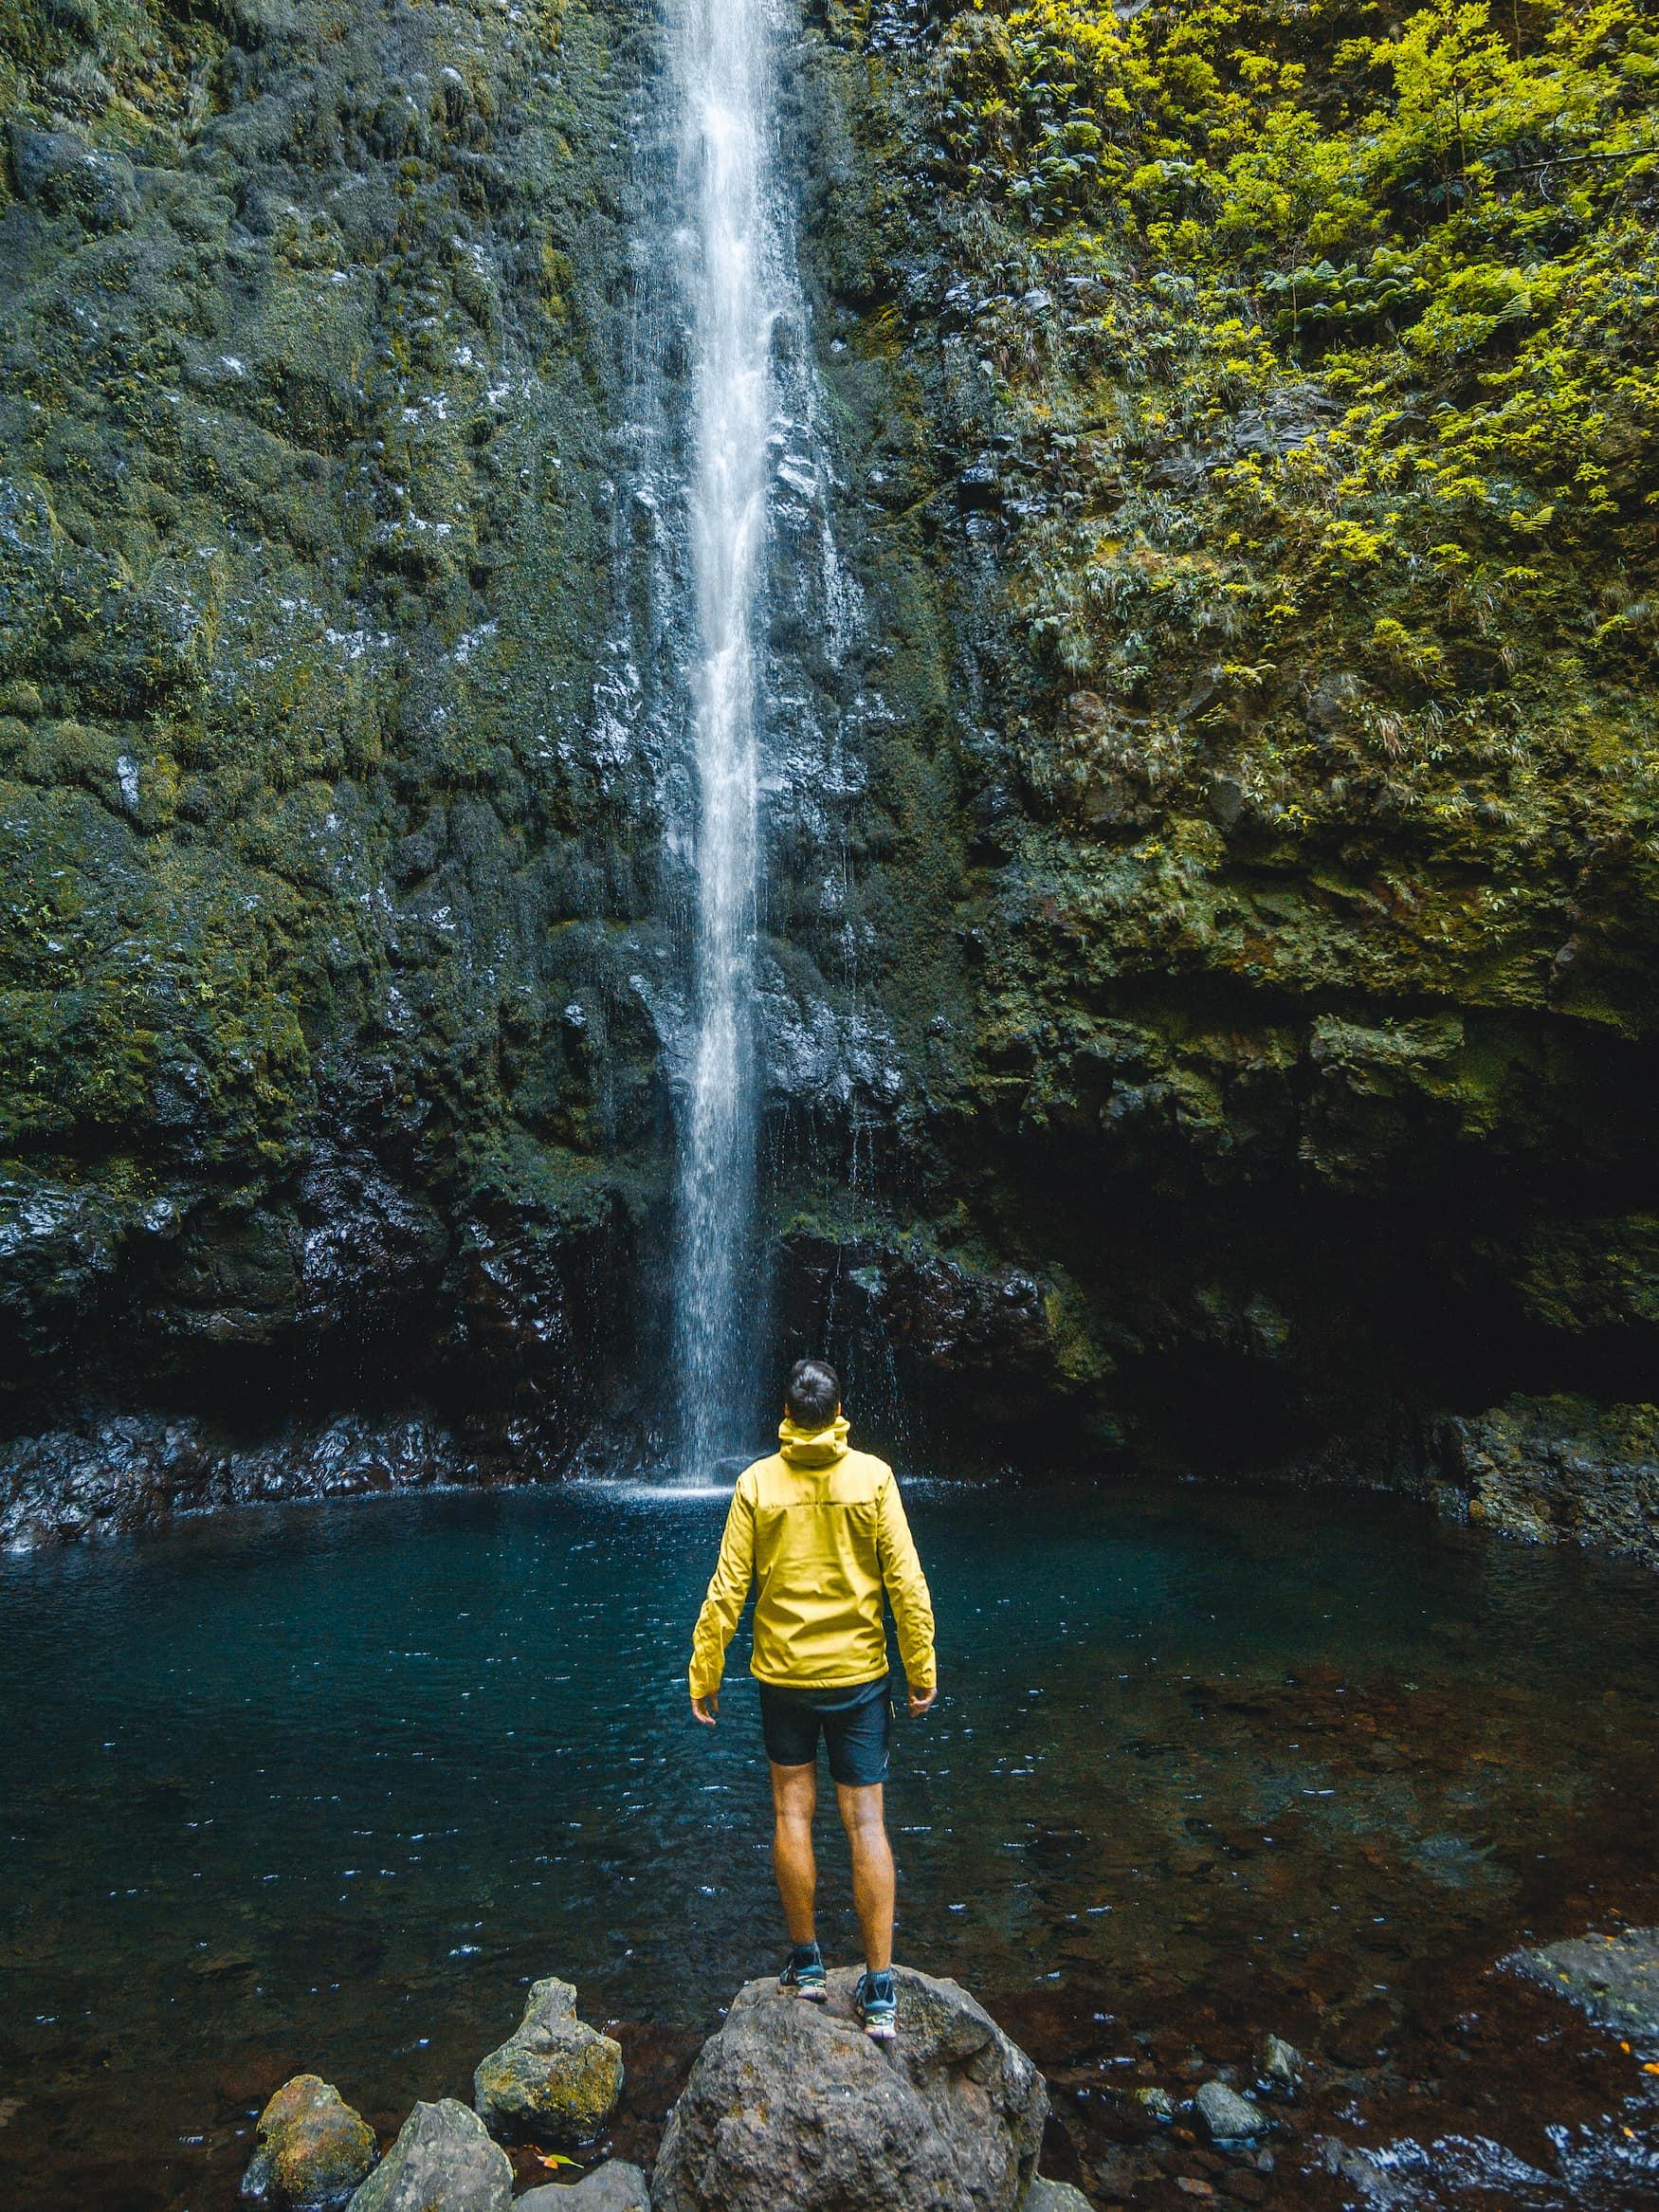 Mann mit gelber Regenjacke steht an Fuße eines Wasserfalls